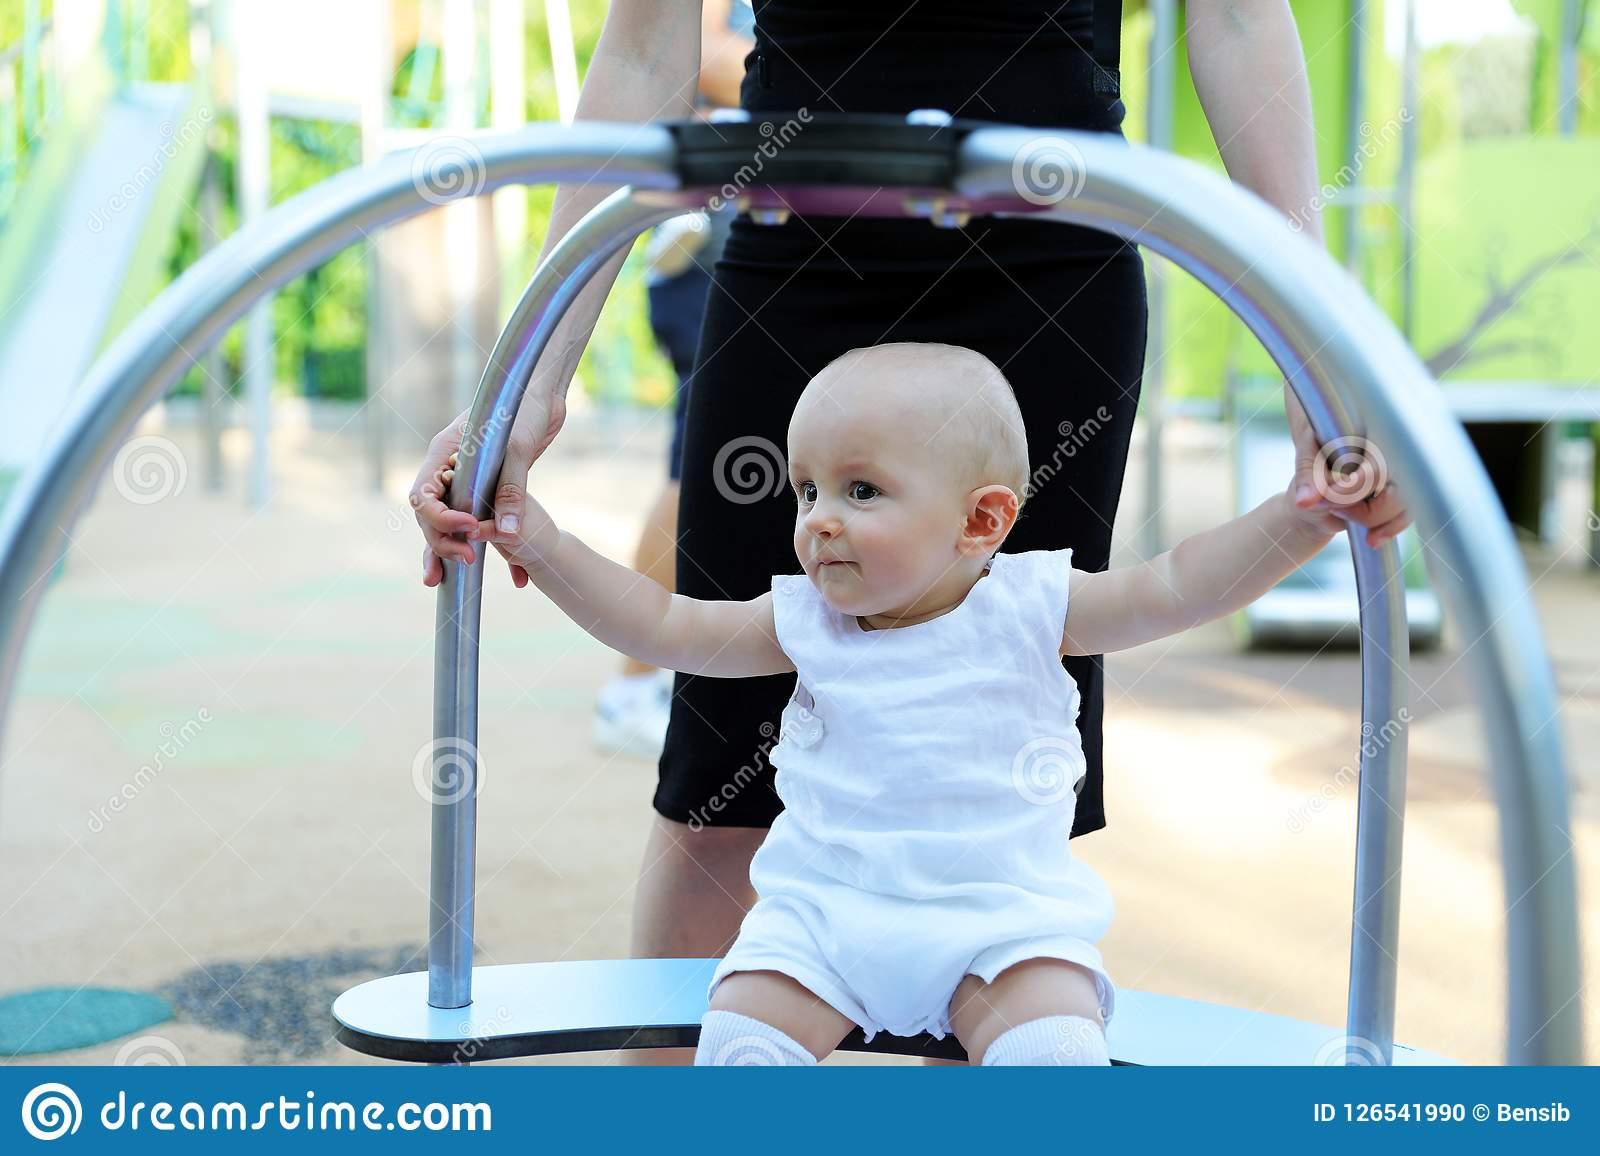 Bébé Garçon Jouant Au Terrain De Jeu Extérieur Photo Stock pour Jeux De Bébé Garçon